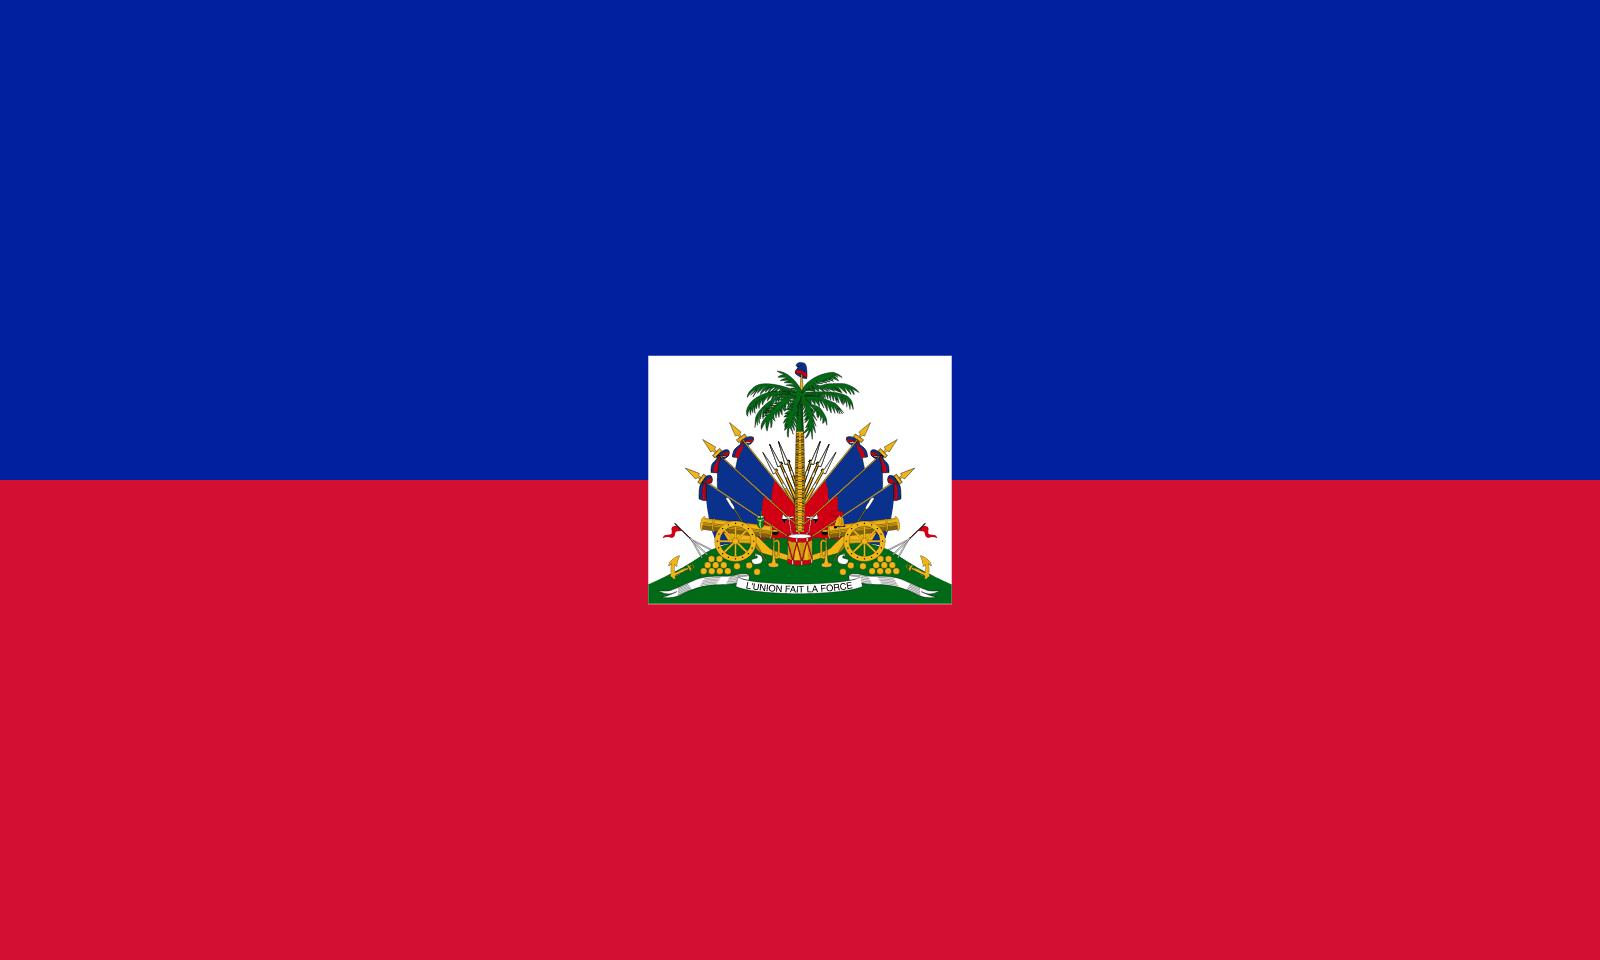 Haiti'nin Başkenti ve Para Birimi Nedir? Haiti'nin Bayrağı Nasıldır?